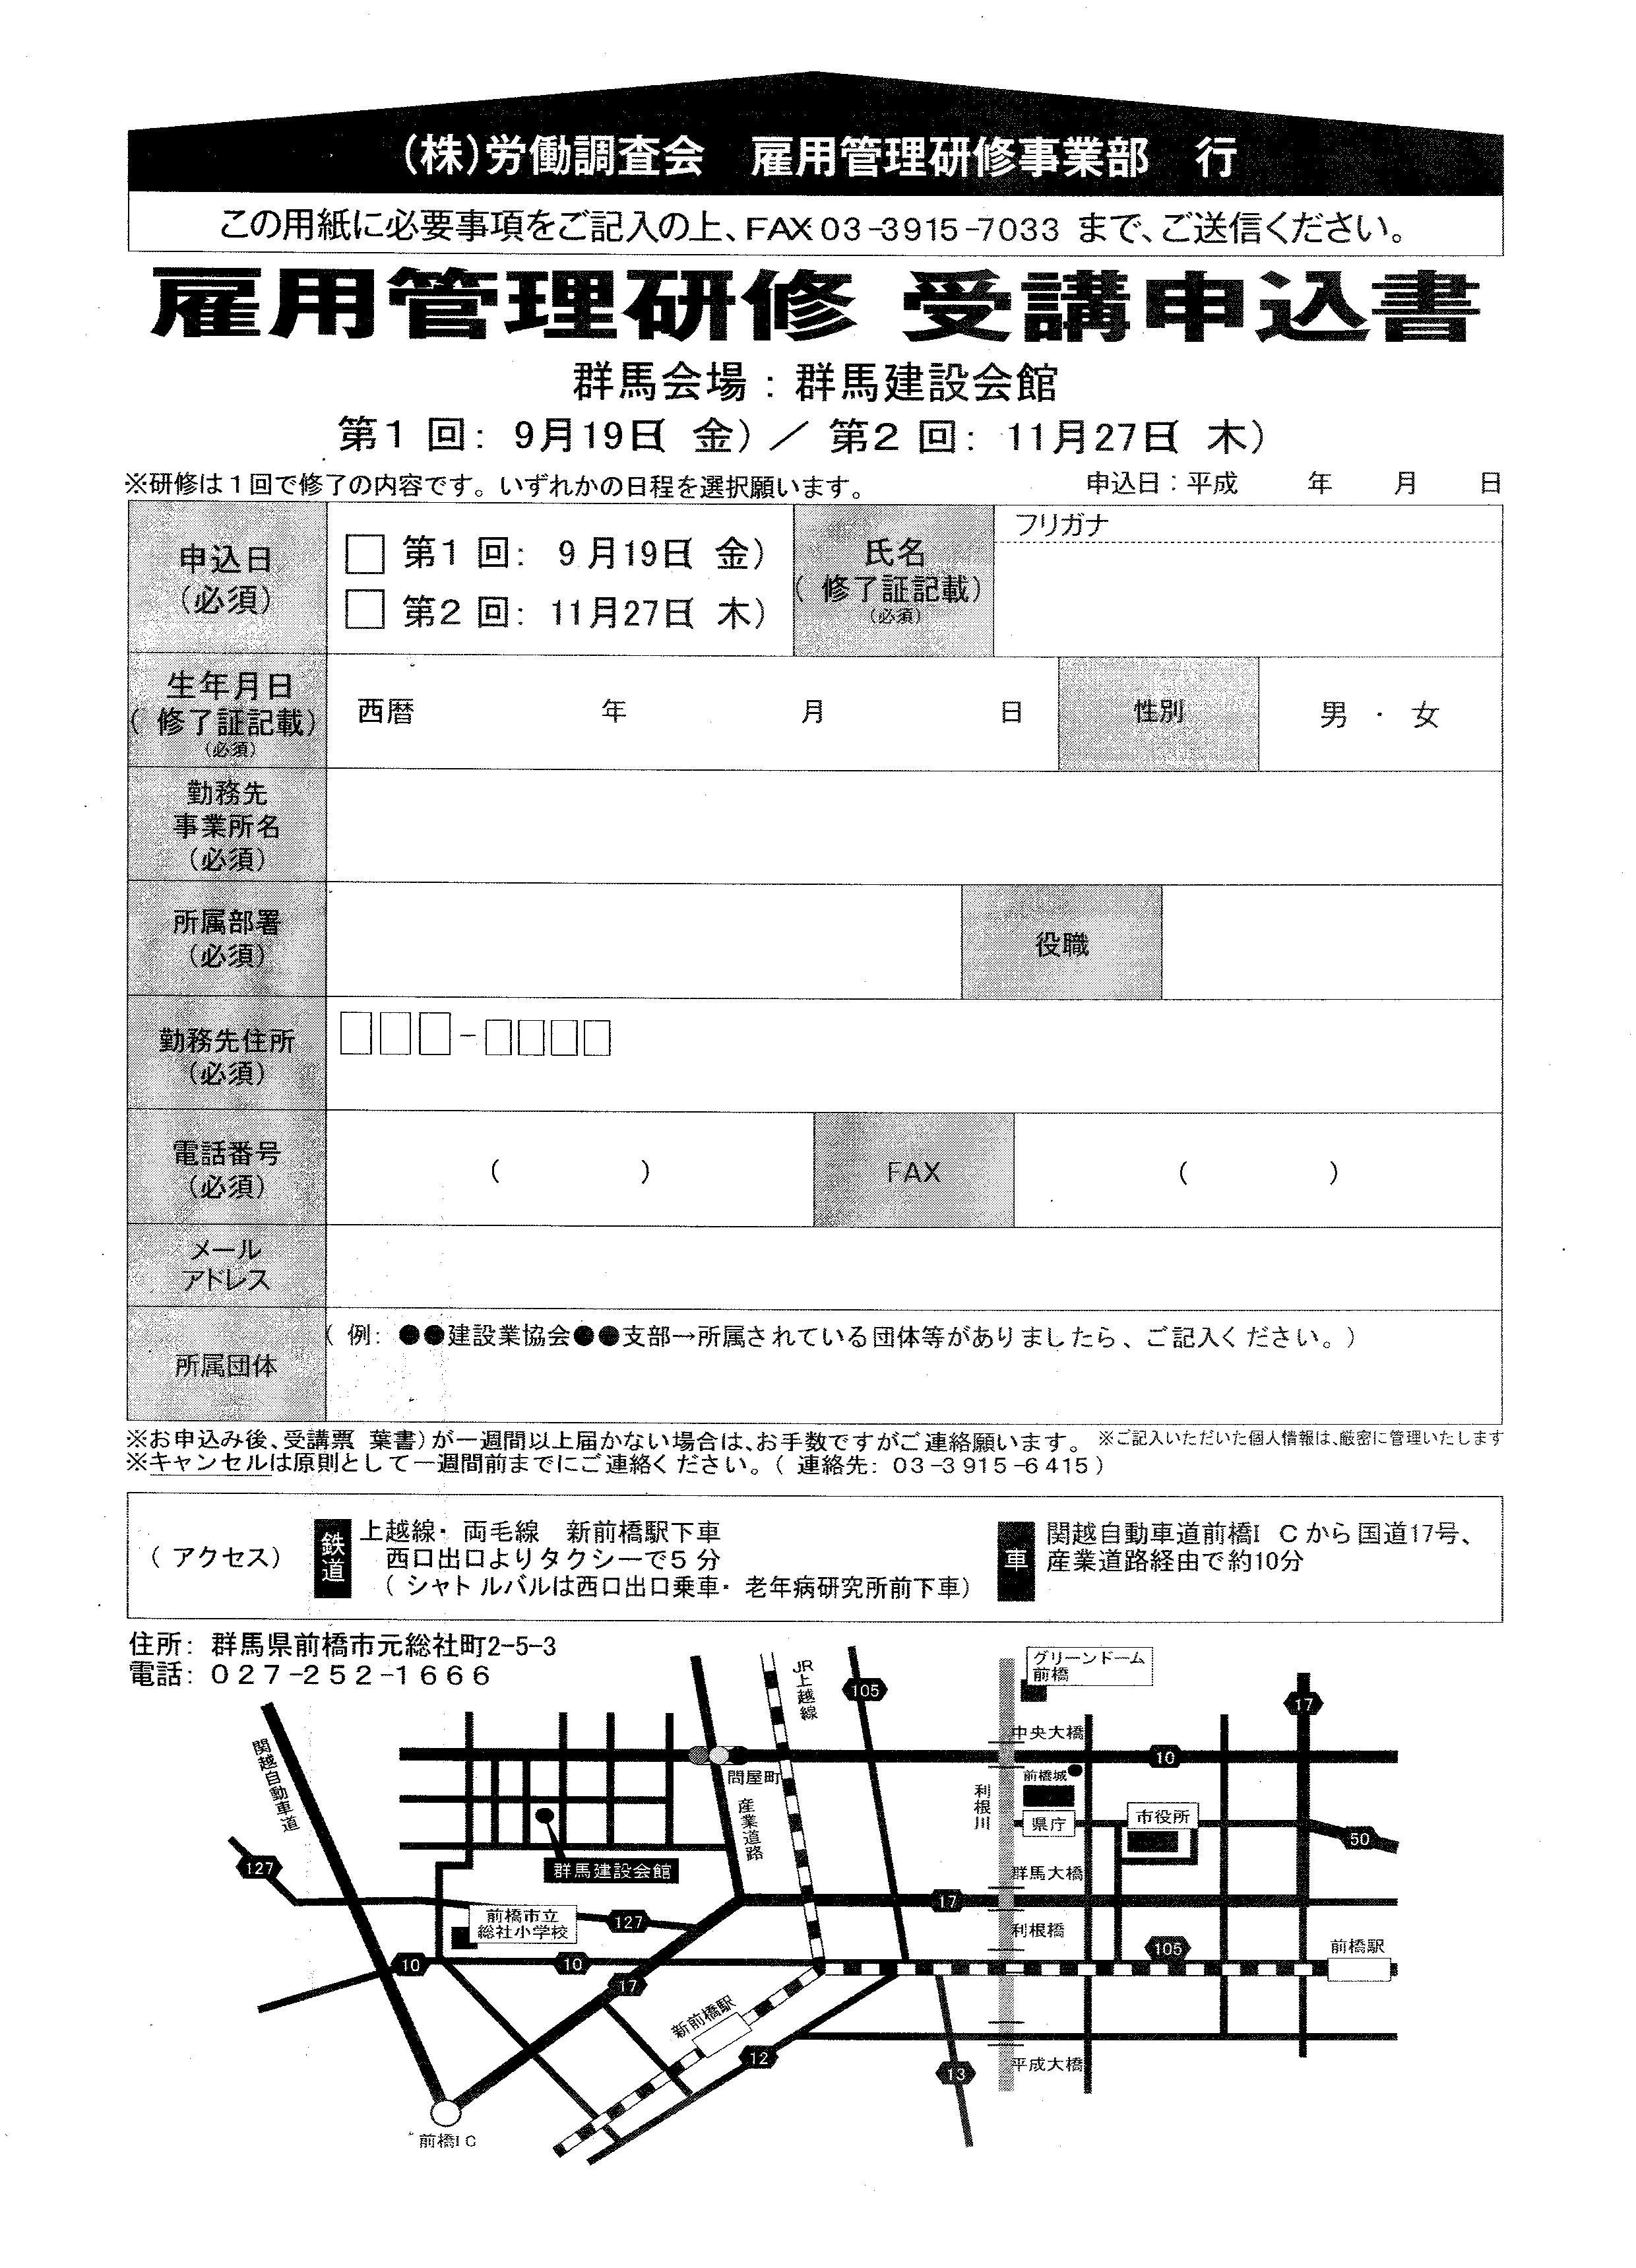 20141007_00000.jpg